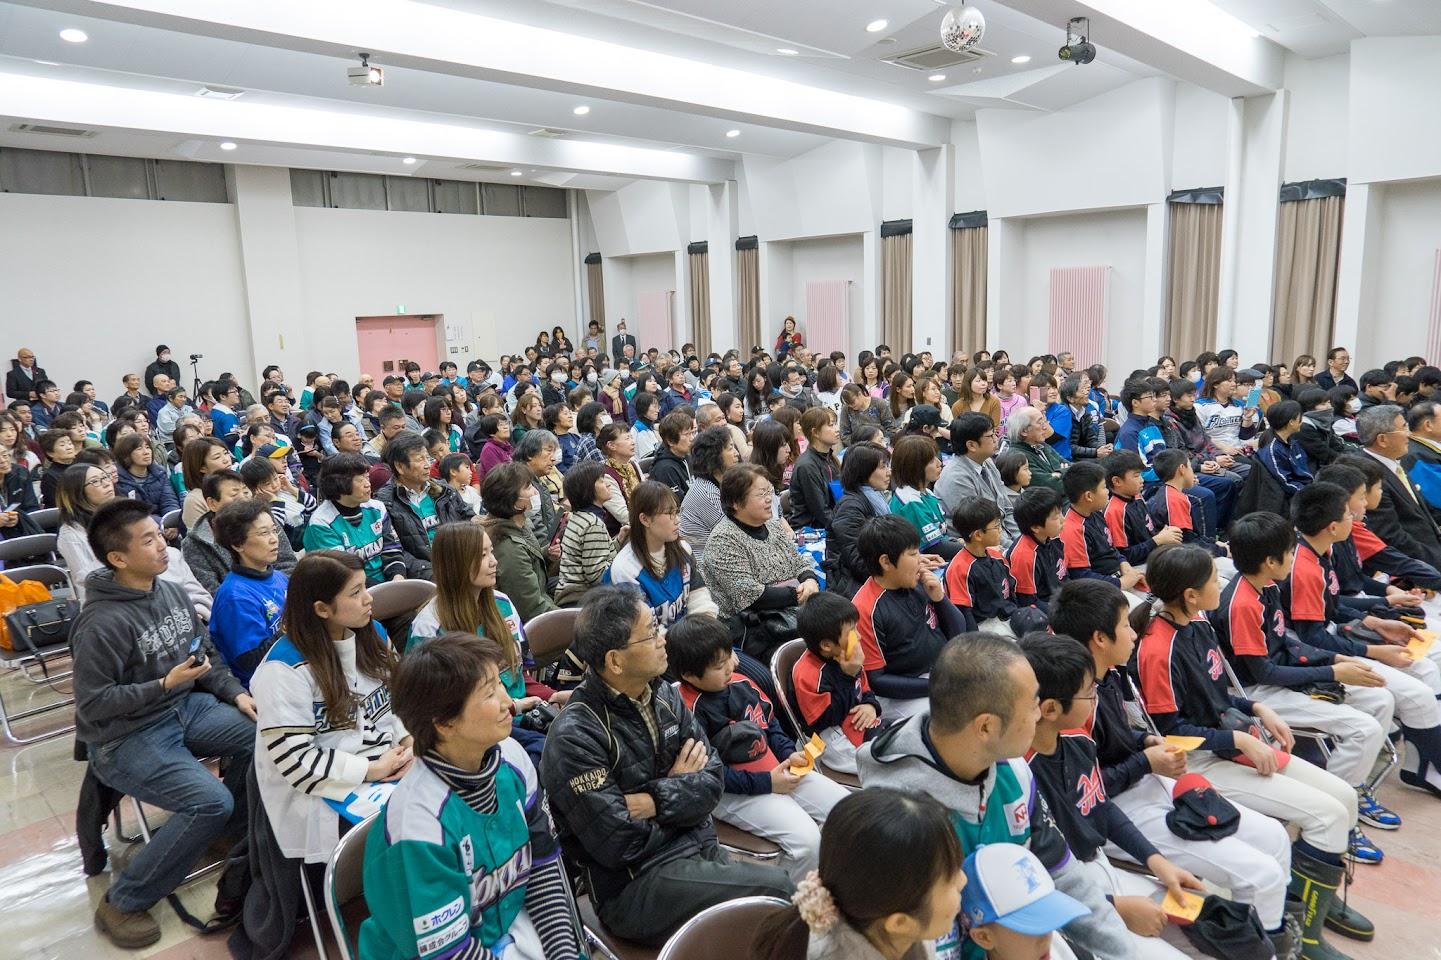 満席の会場(北竜町公民館大講堂)